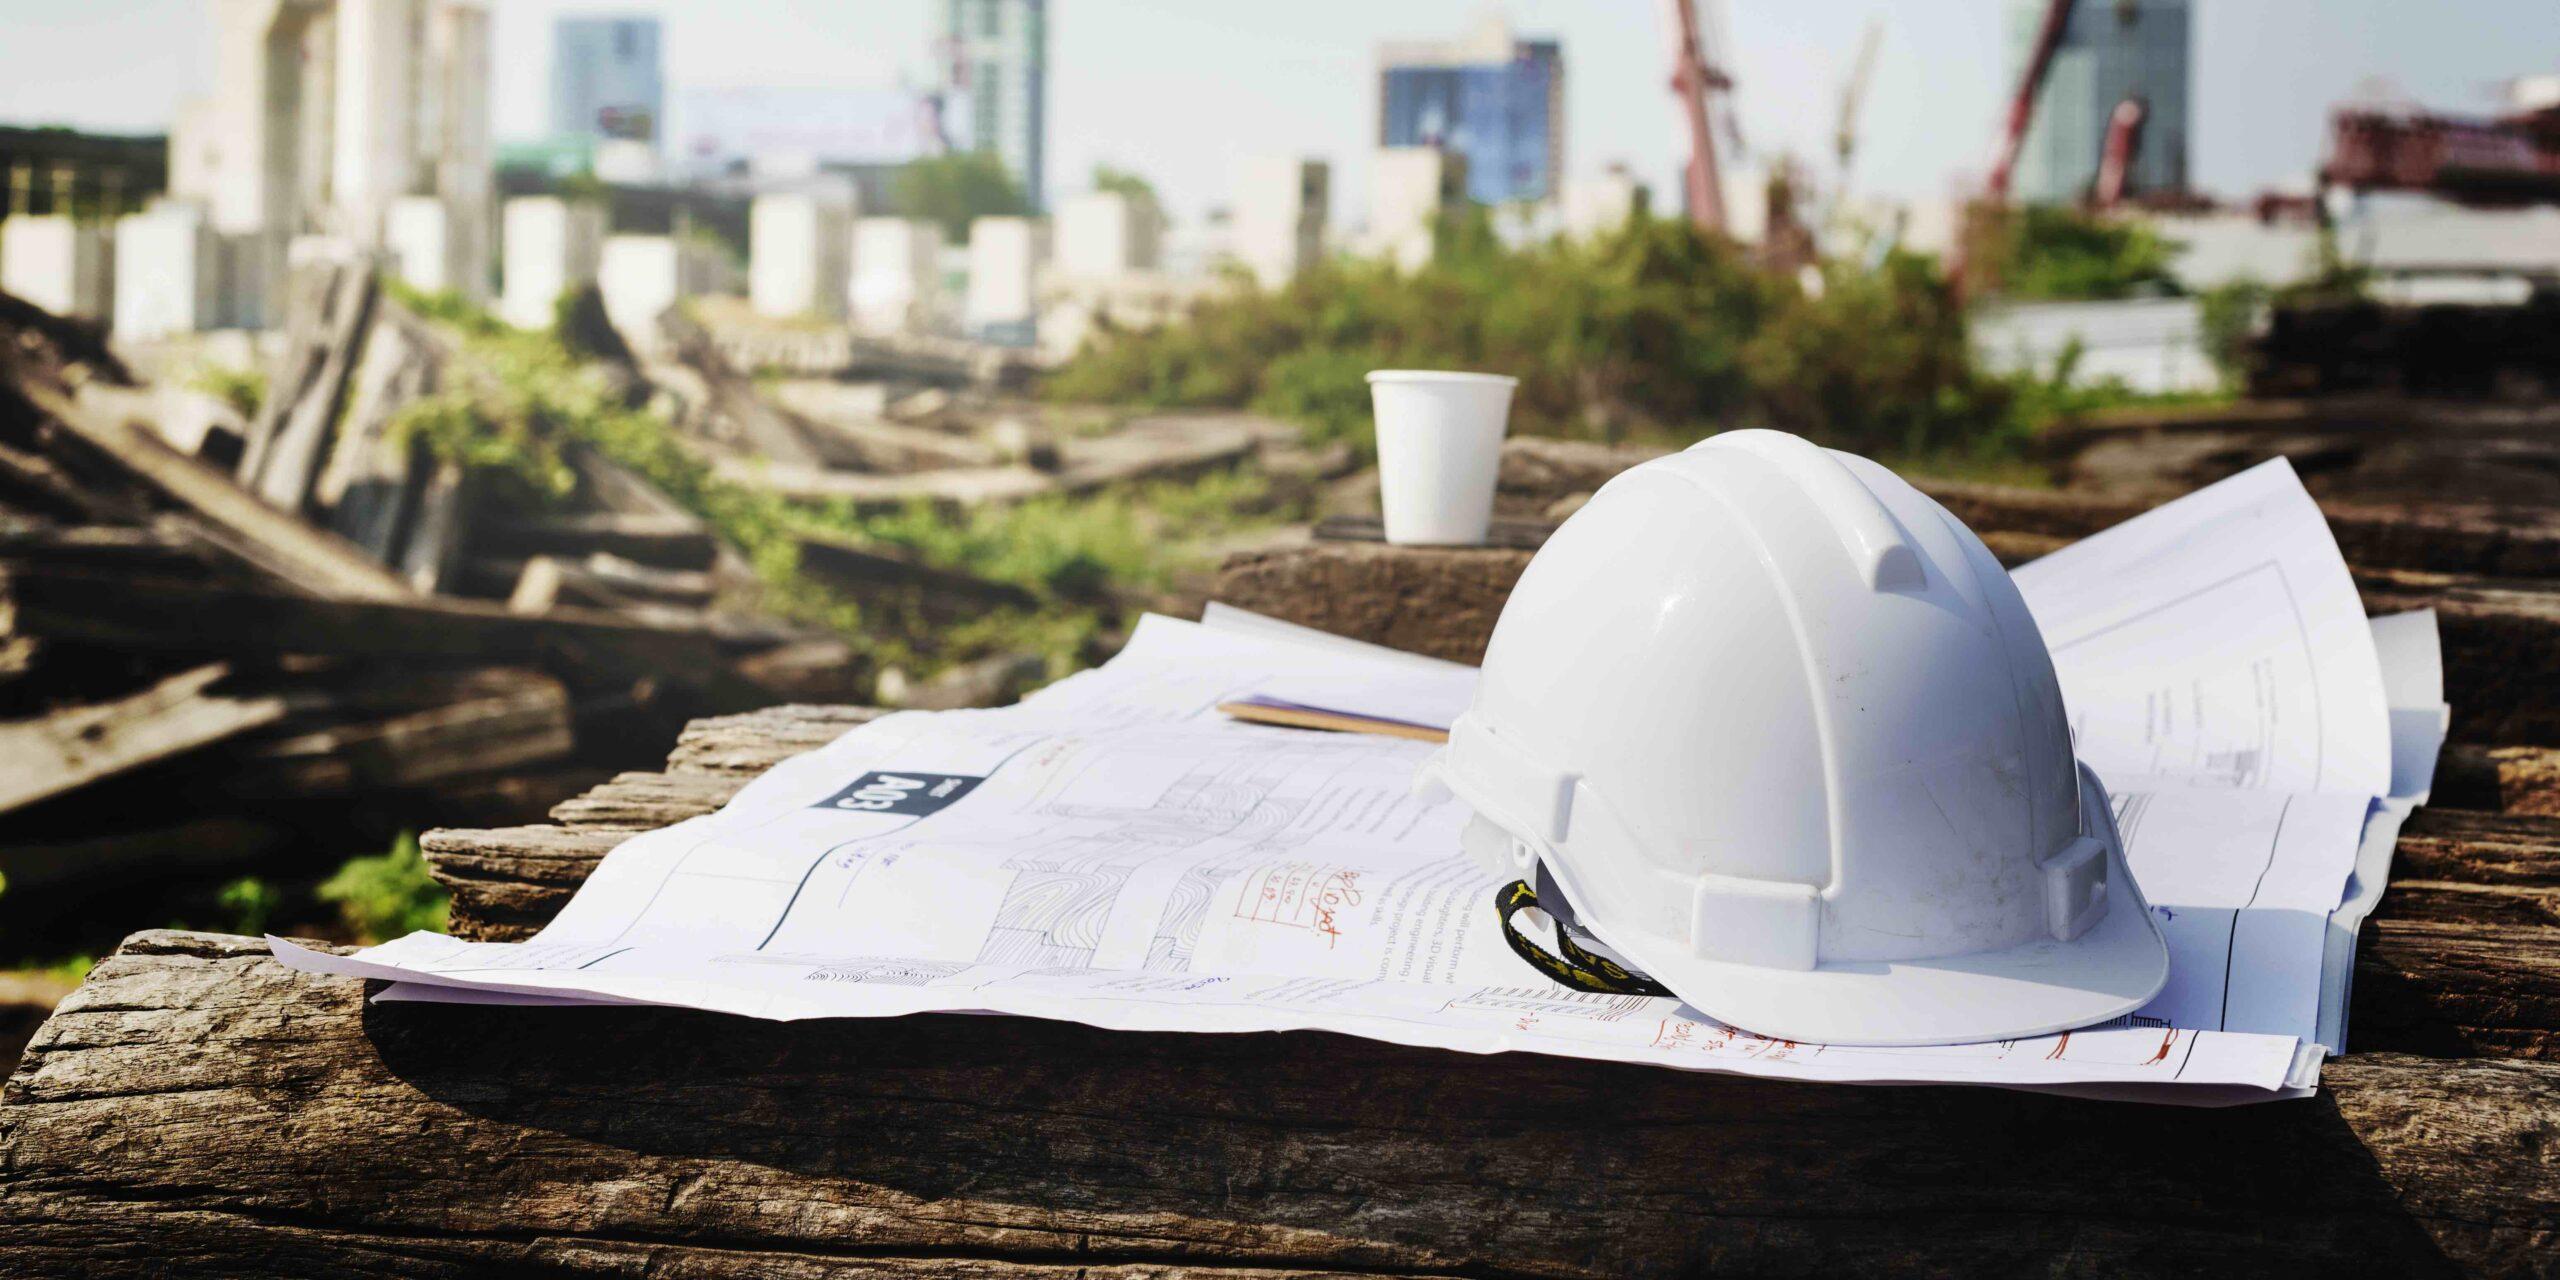 Billede af byggeplads med hjelm og tegninger